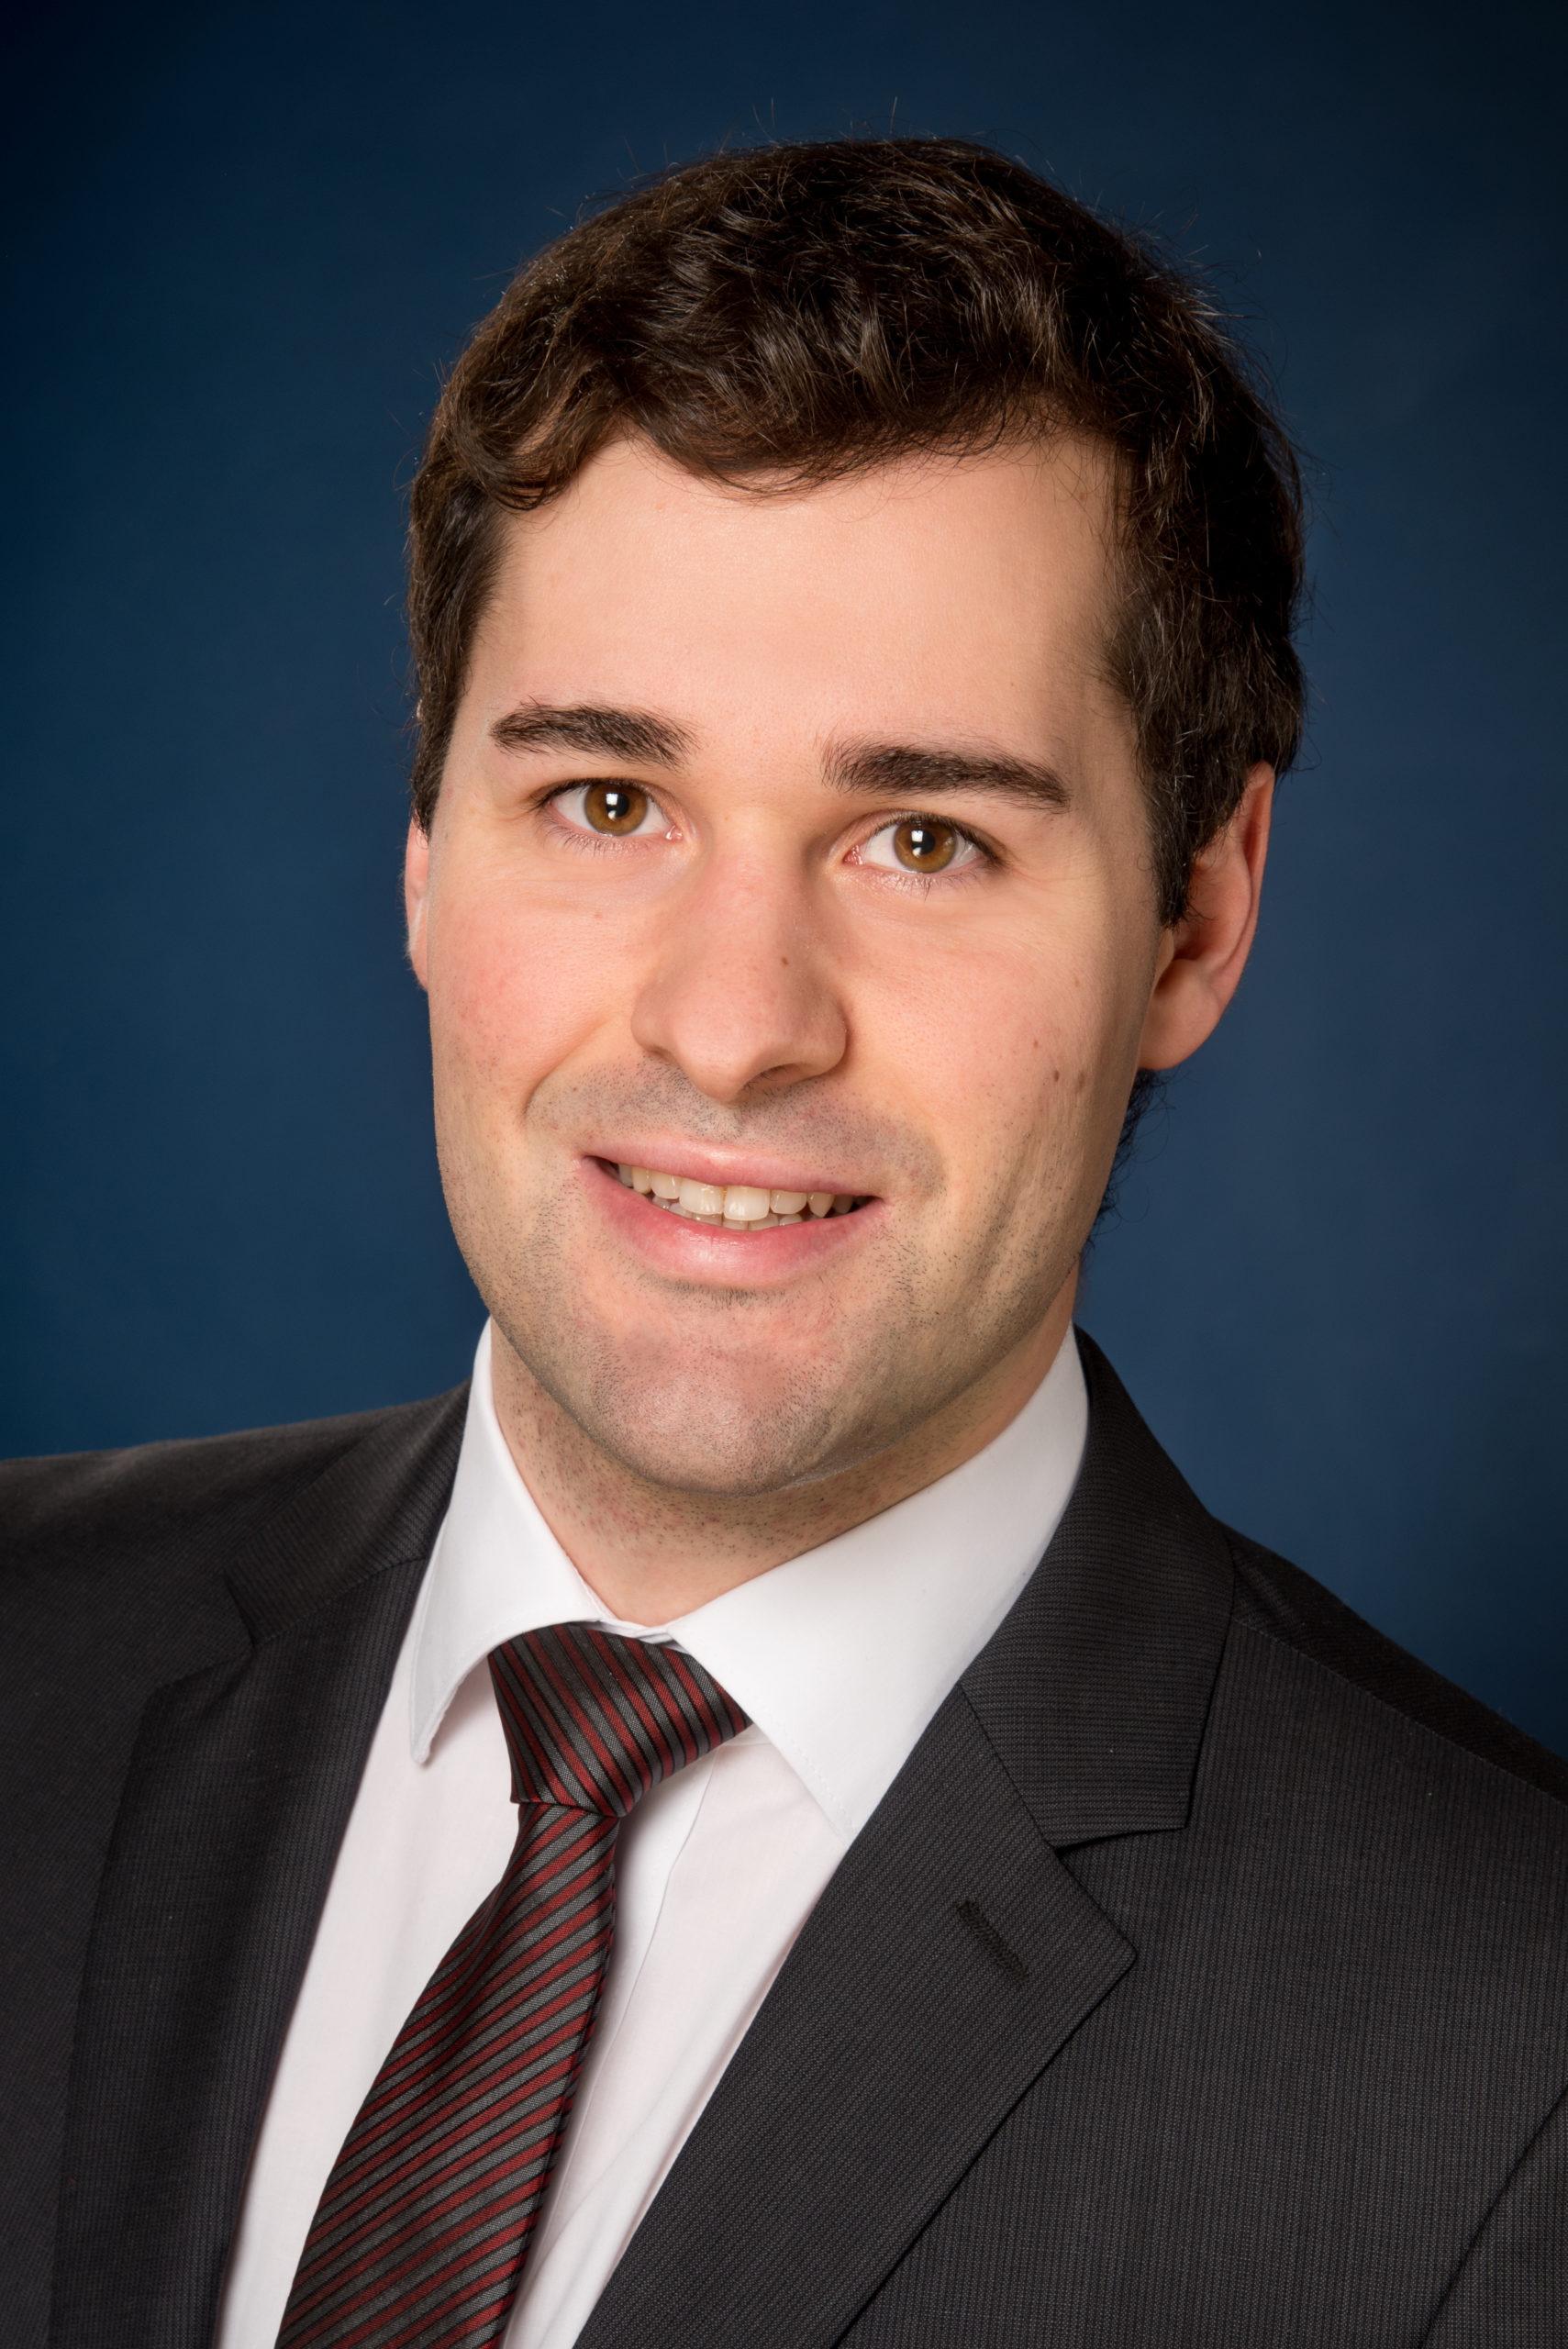 Stefano Lamprecht